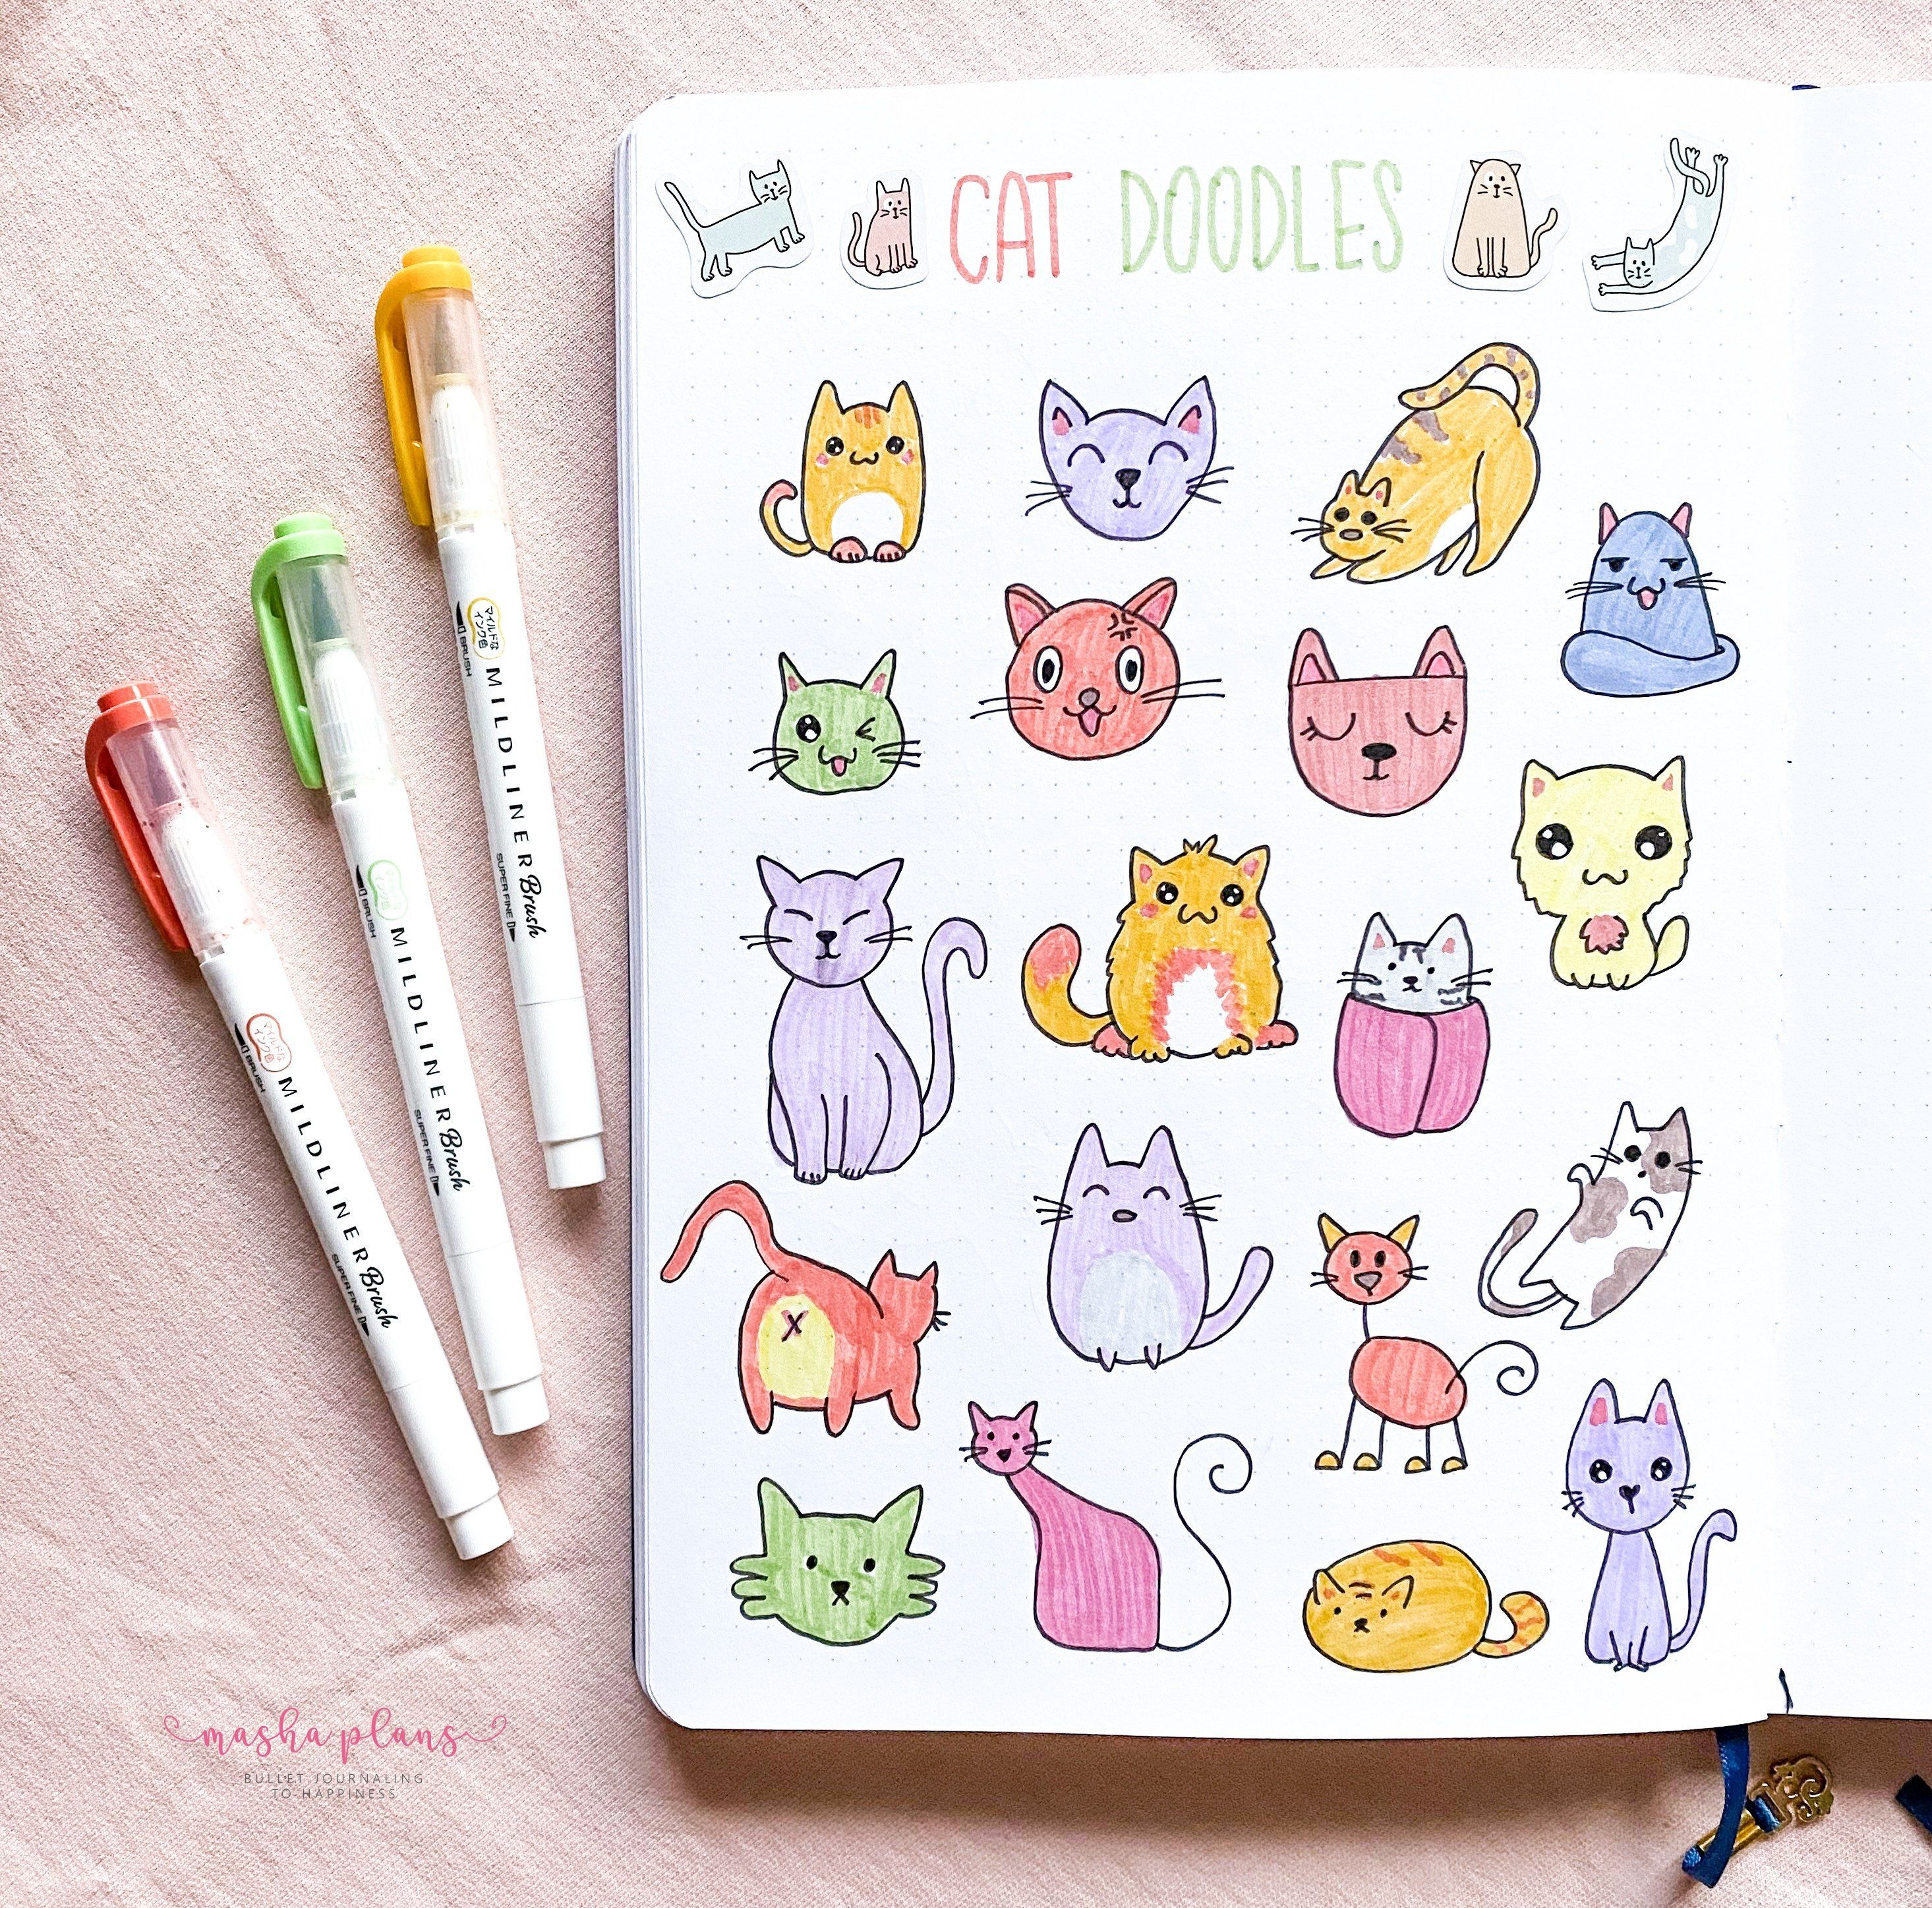 Cat Doodles In